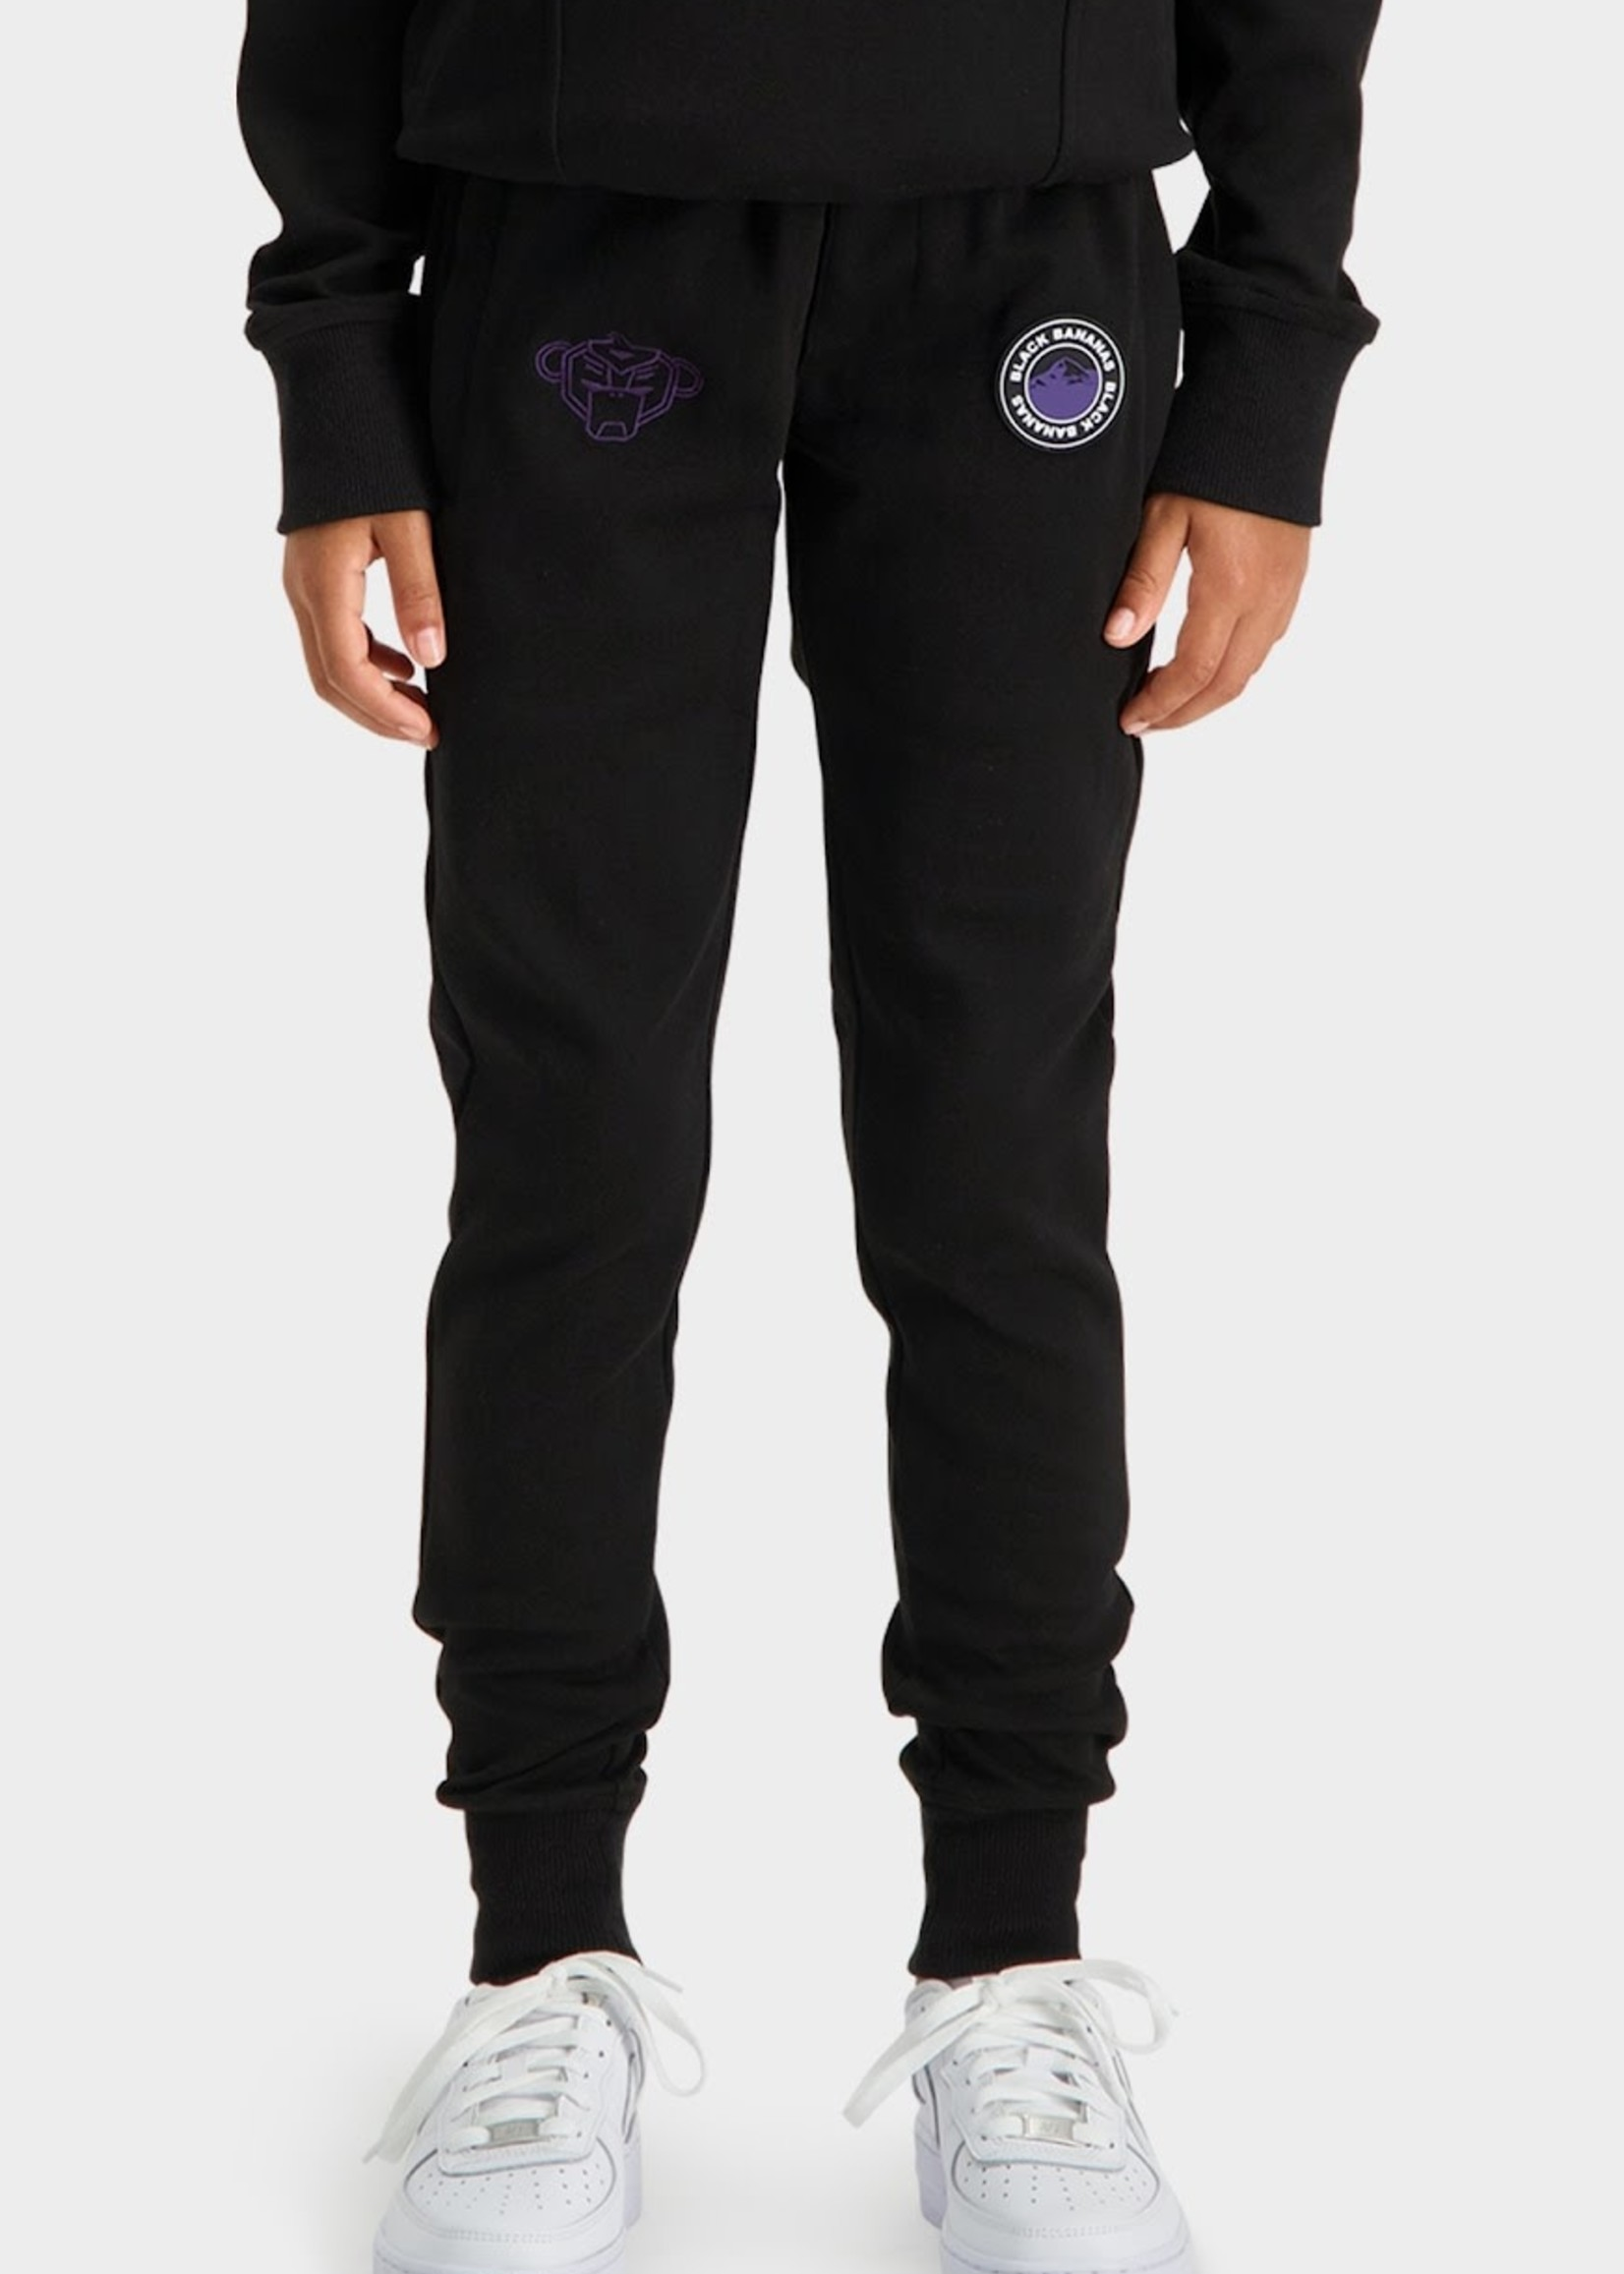 Black Bananas Jr Grl Anorak Arcade Sweatpants